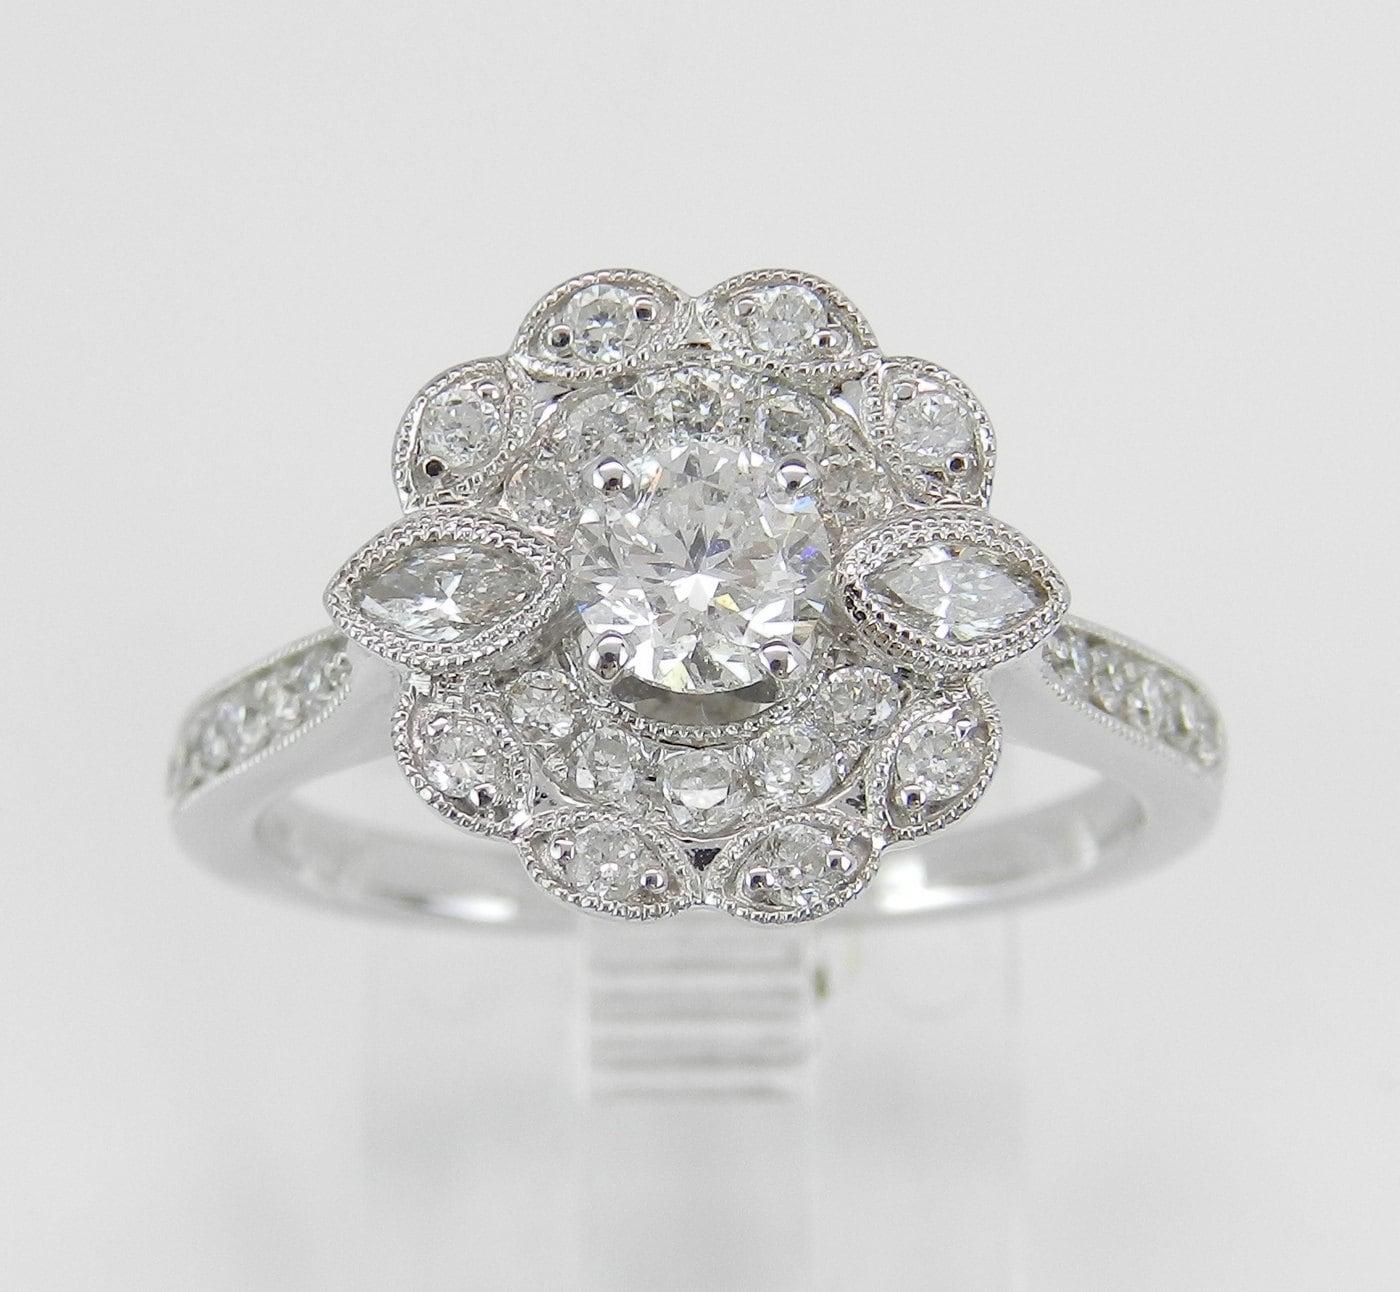 34 Grams Unique Diamond Set: Unique Diamond Double Halo Flower Engagement Ring 14K White